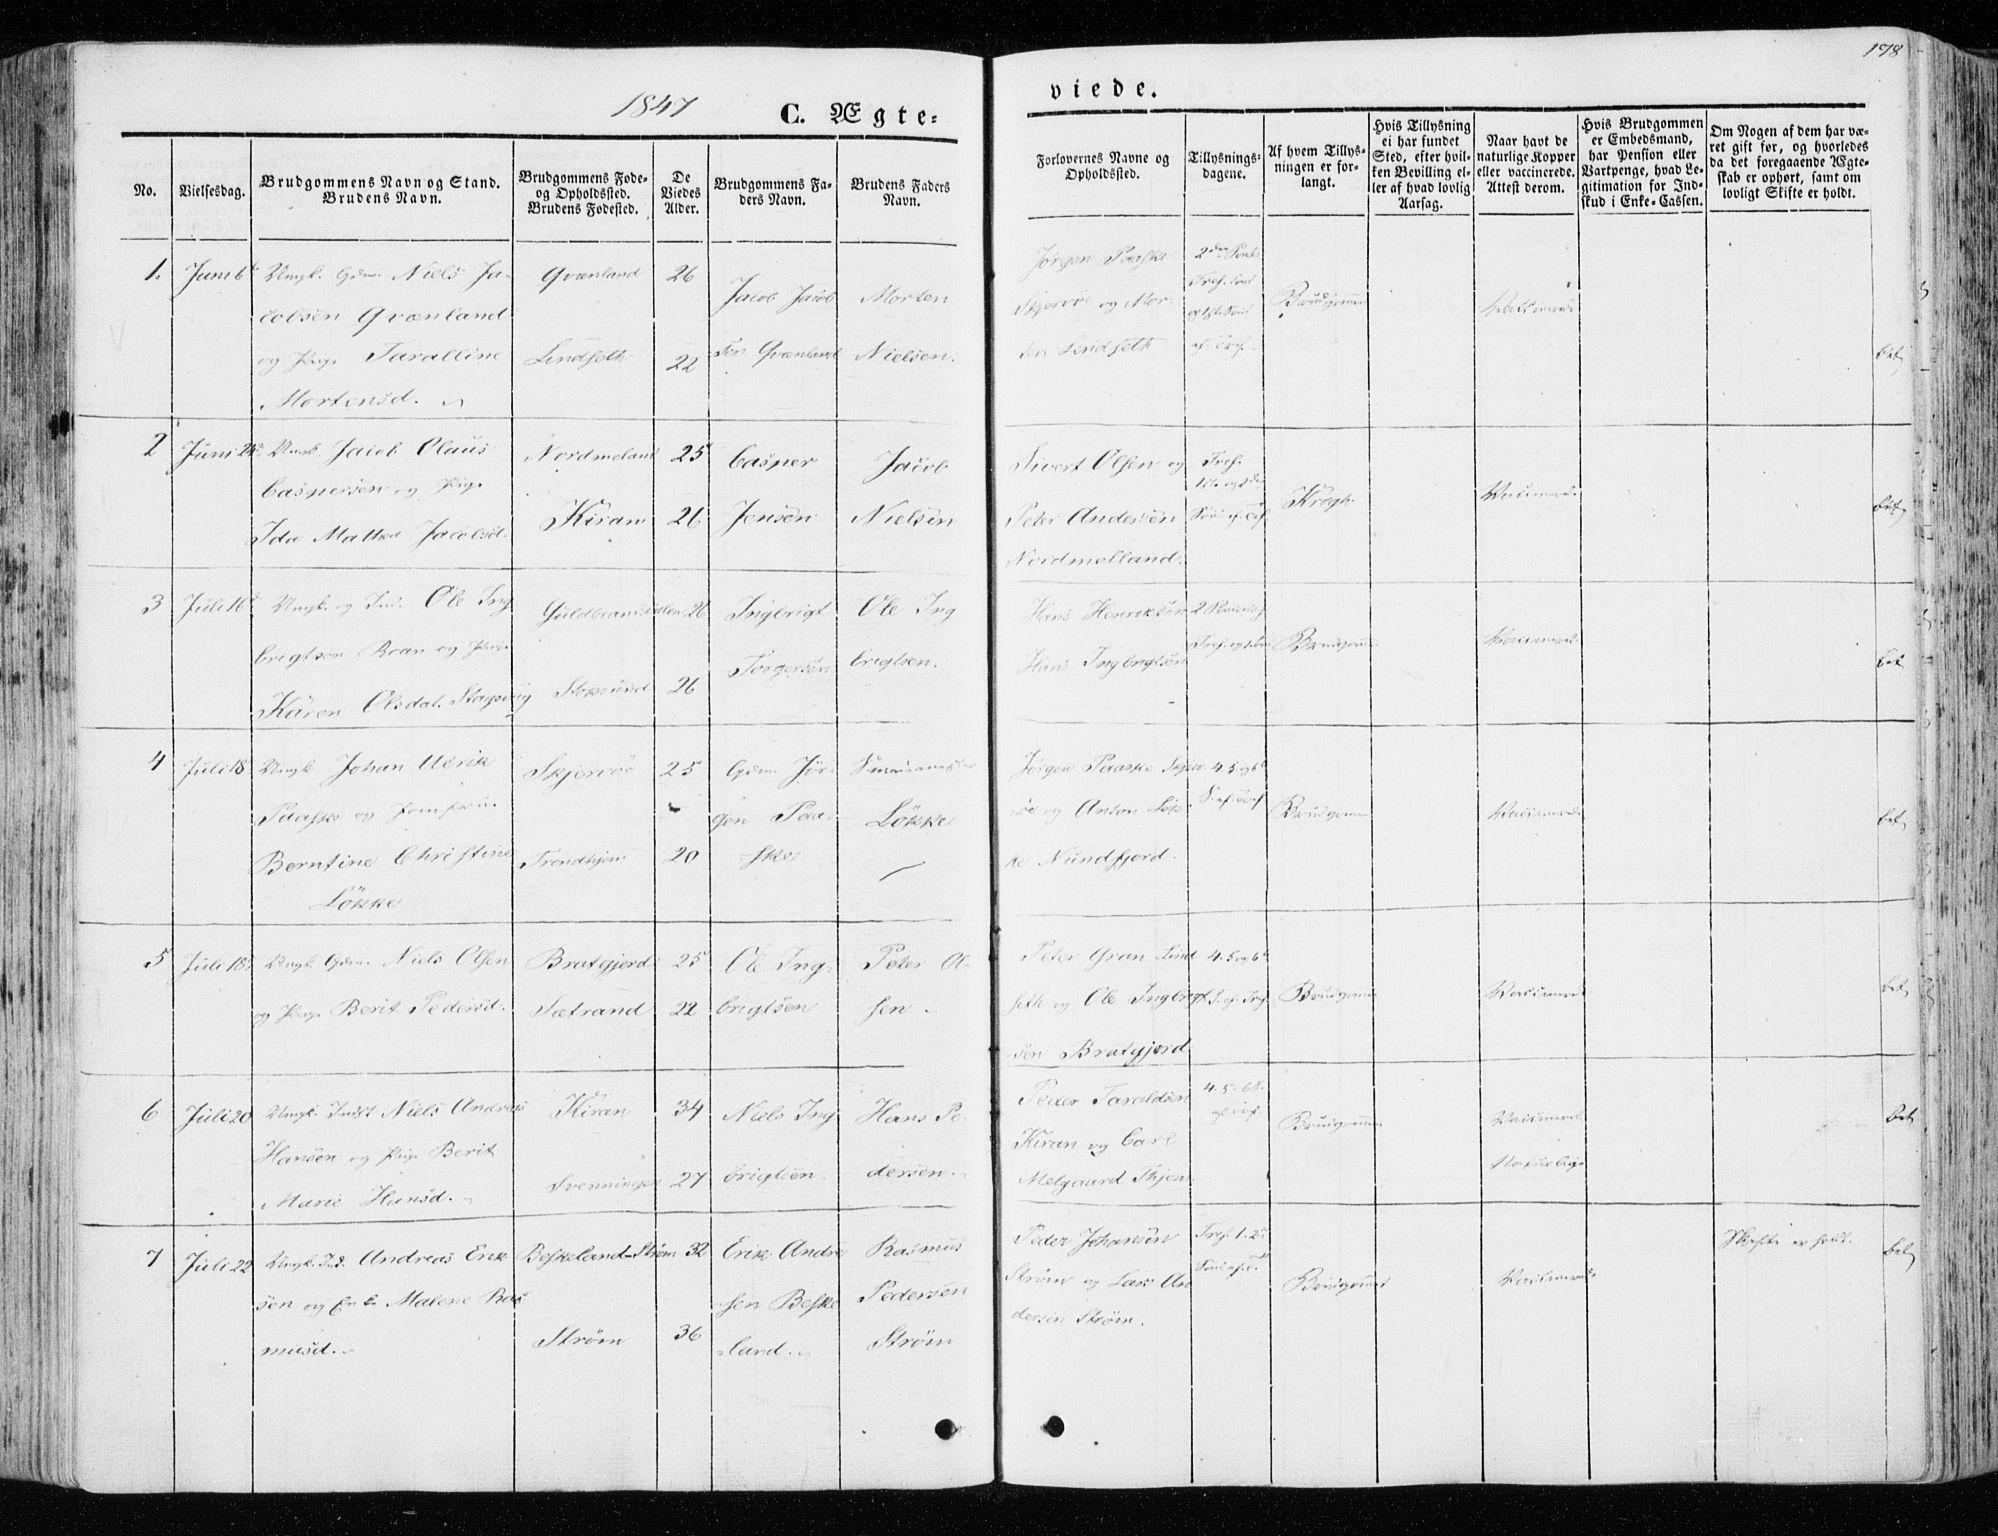 SAT, Ministerialprotokoller, klokkerbøker og fødselsregistre - Sør-Trøndelag, 657/L0704: Ministerialbok nr. 657A05, 1846-1857, s. 178